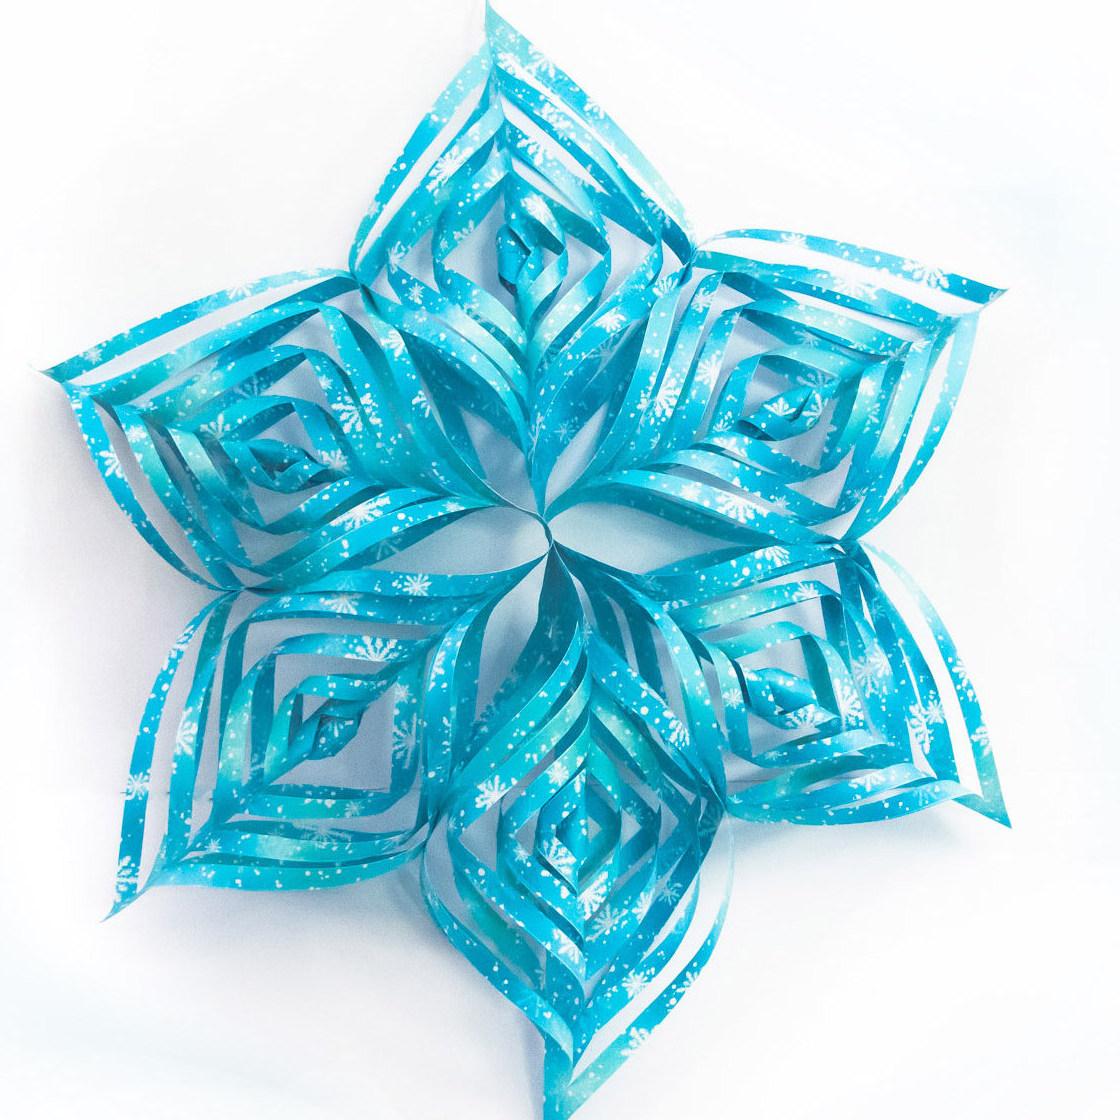 วิธีทำดาวกระดาษรุปเกล็ดหิมะ สำหรับแต่งบ้าน ช่วงเทศกาลต่างๆ (Paper Snowflake DIY) 021